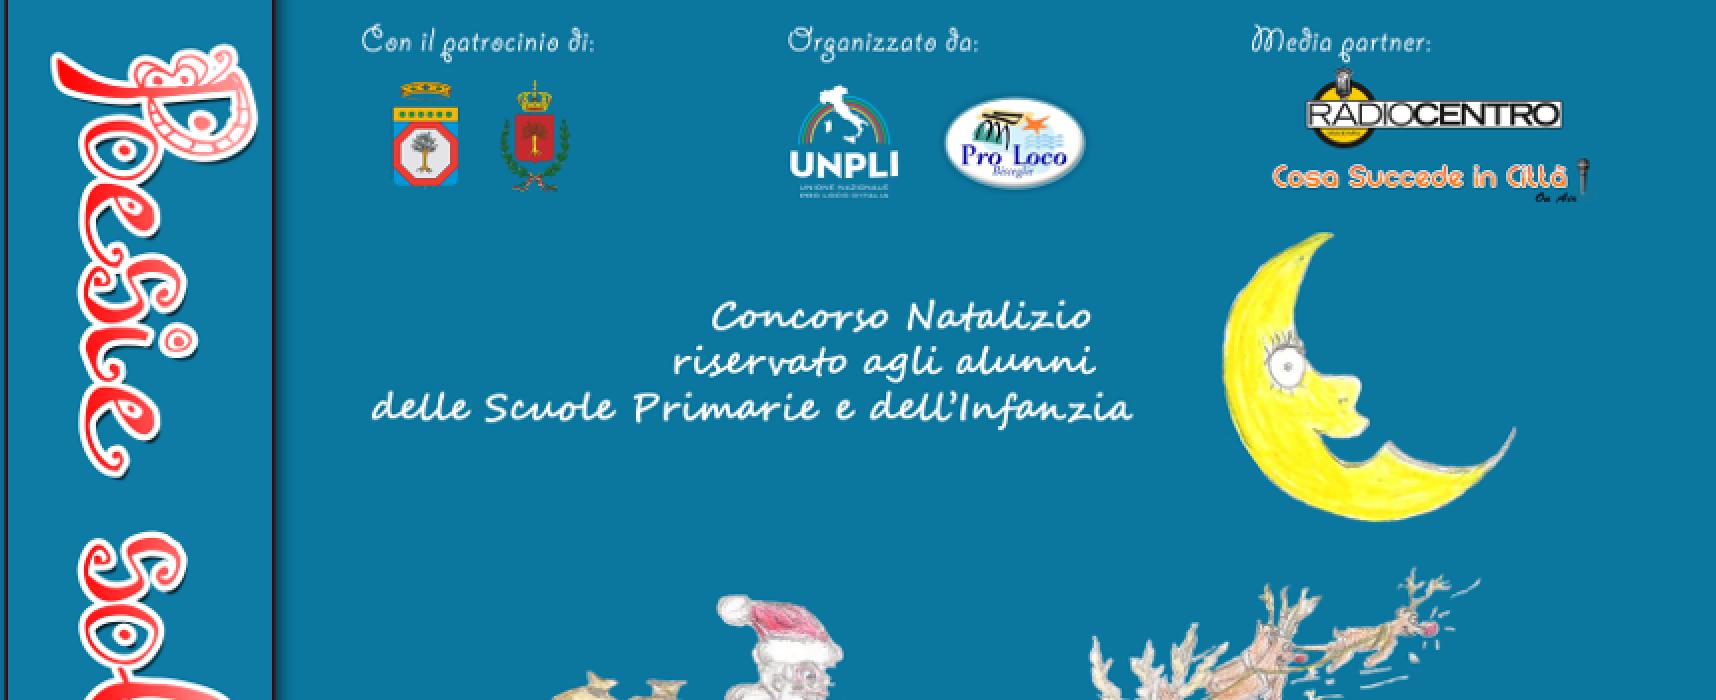 """La Pro Loco premia i piccoli vincitori di """"Poesie sotto l'albero"""" lunedì 22 dicembre"""